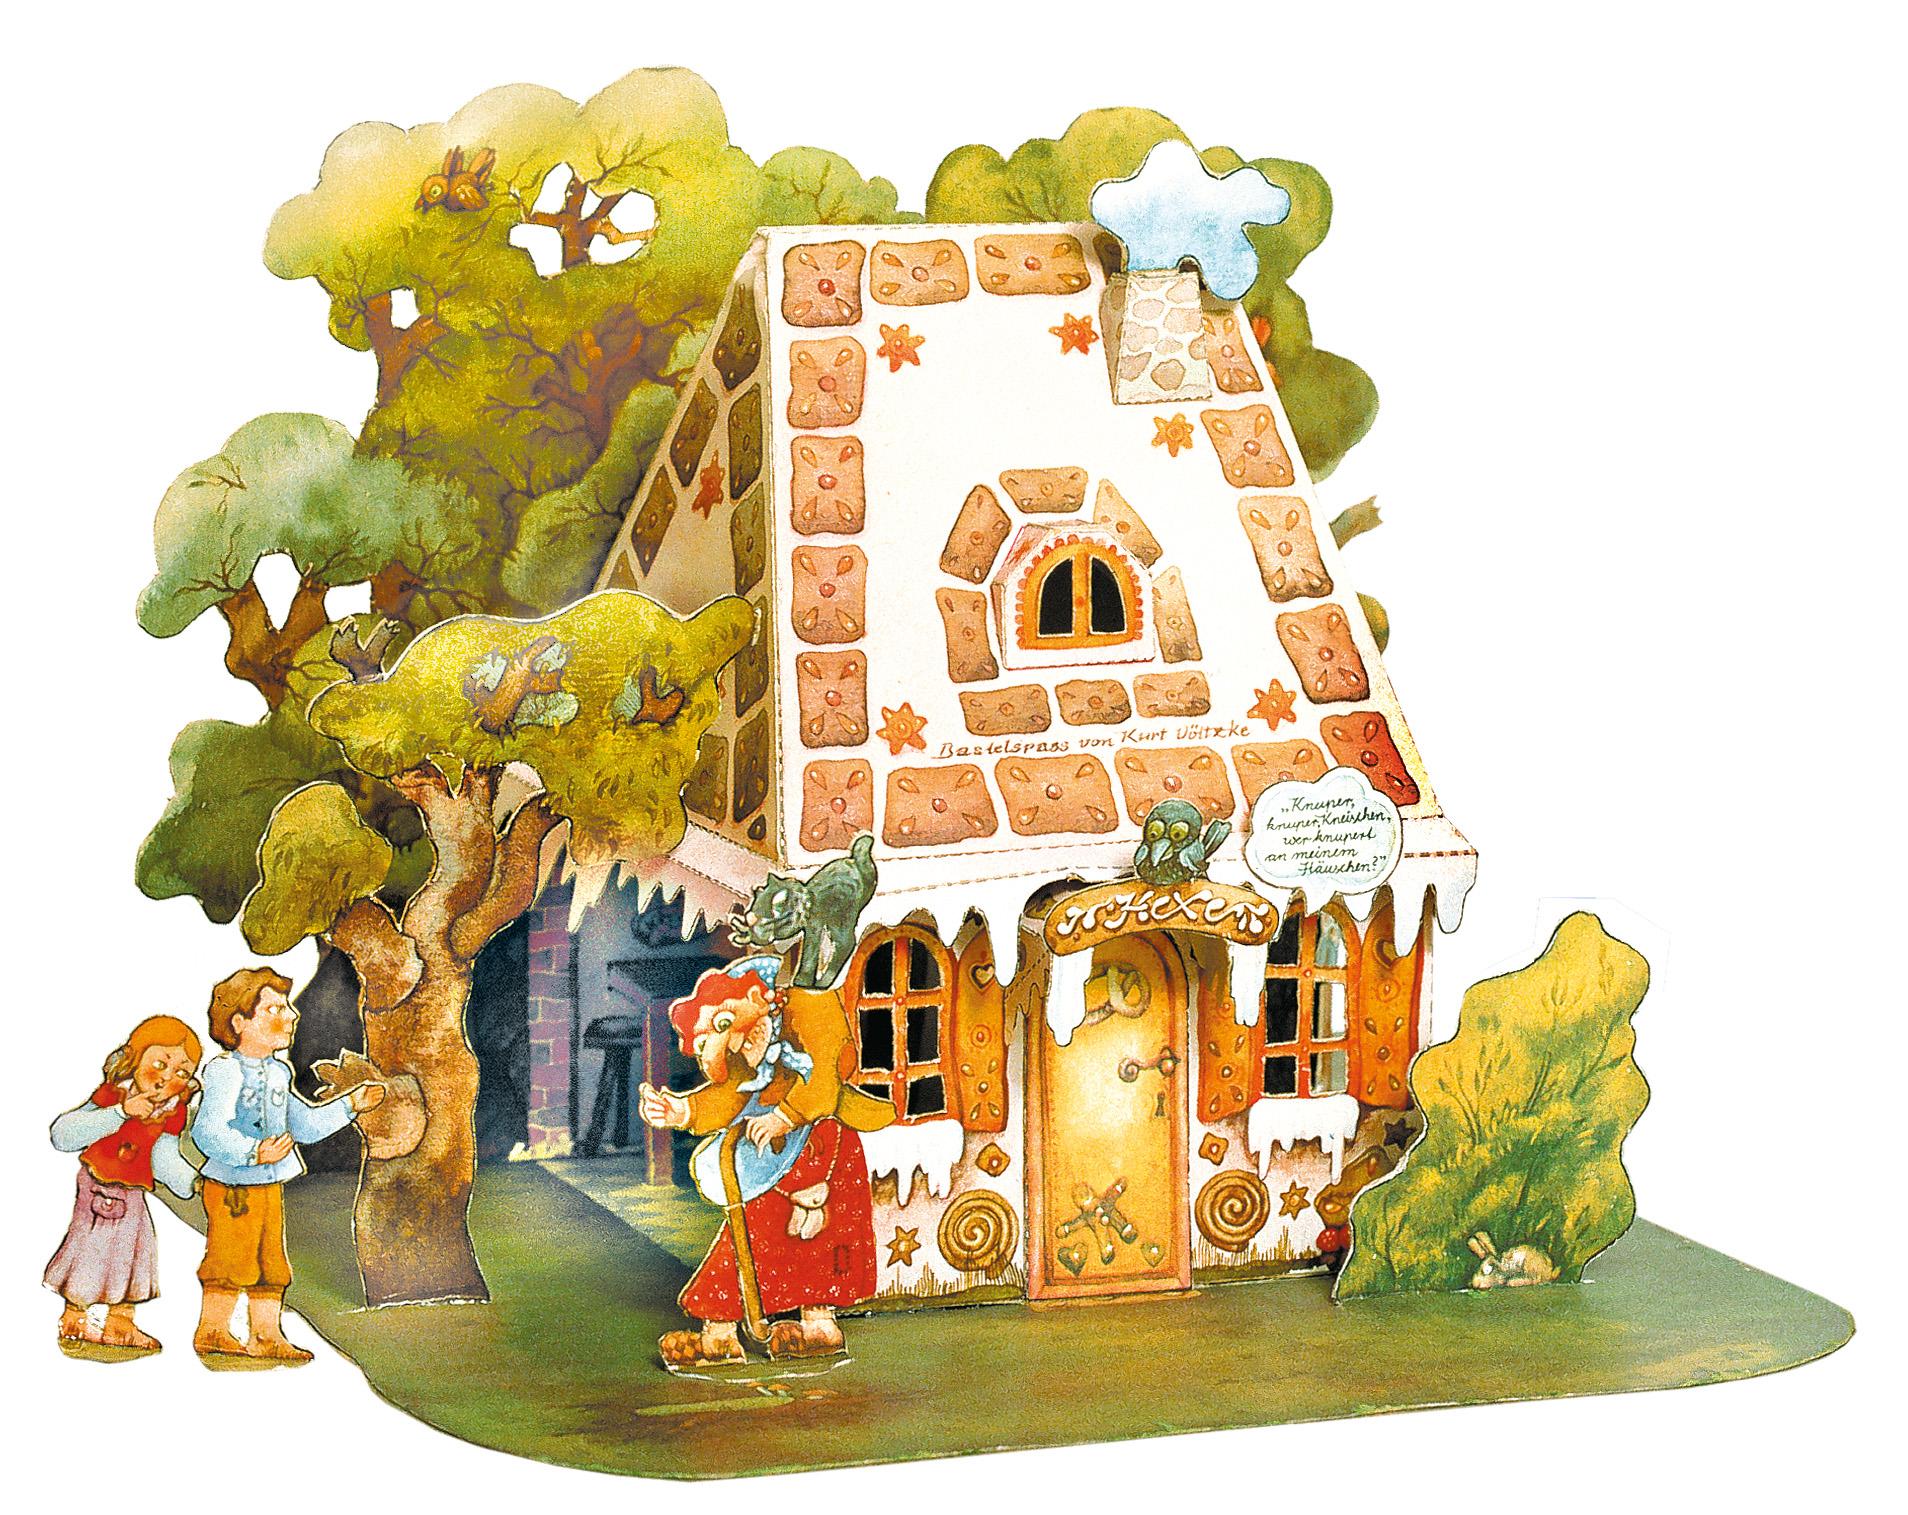 Hänsel und Gretel Bastelbogen Ausschneidebogen Lebkuchenhaus Weihnachten Märchem Grimm Hexenhaus